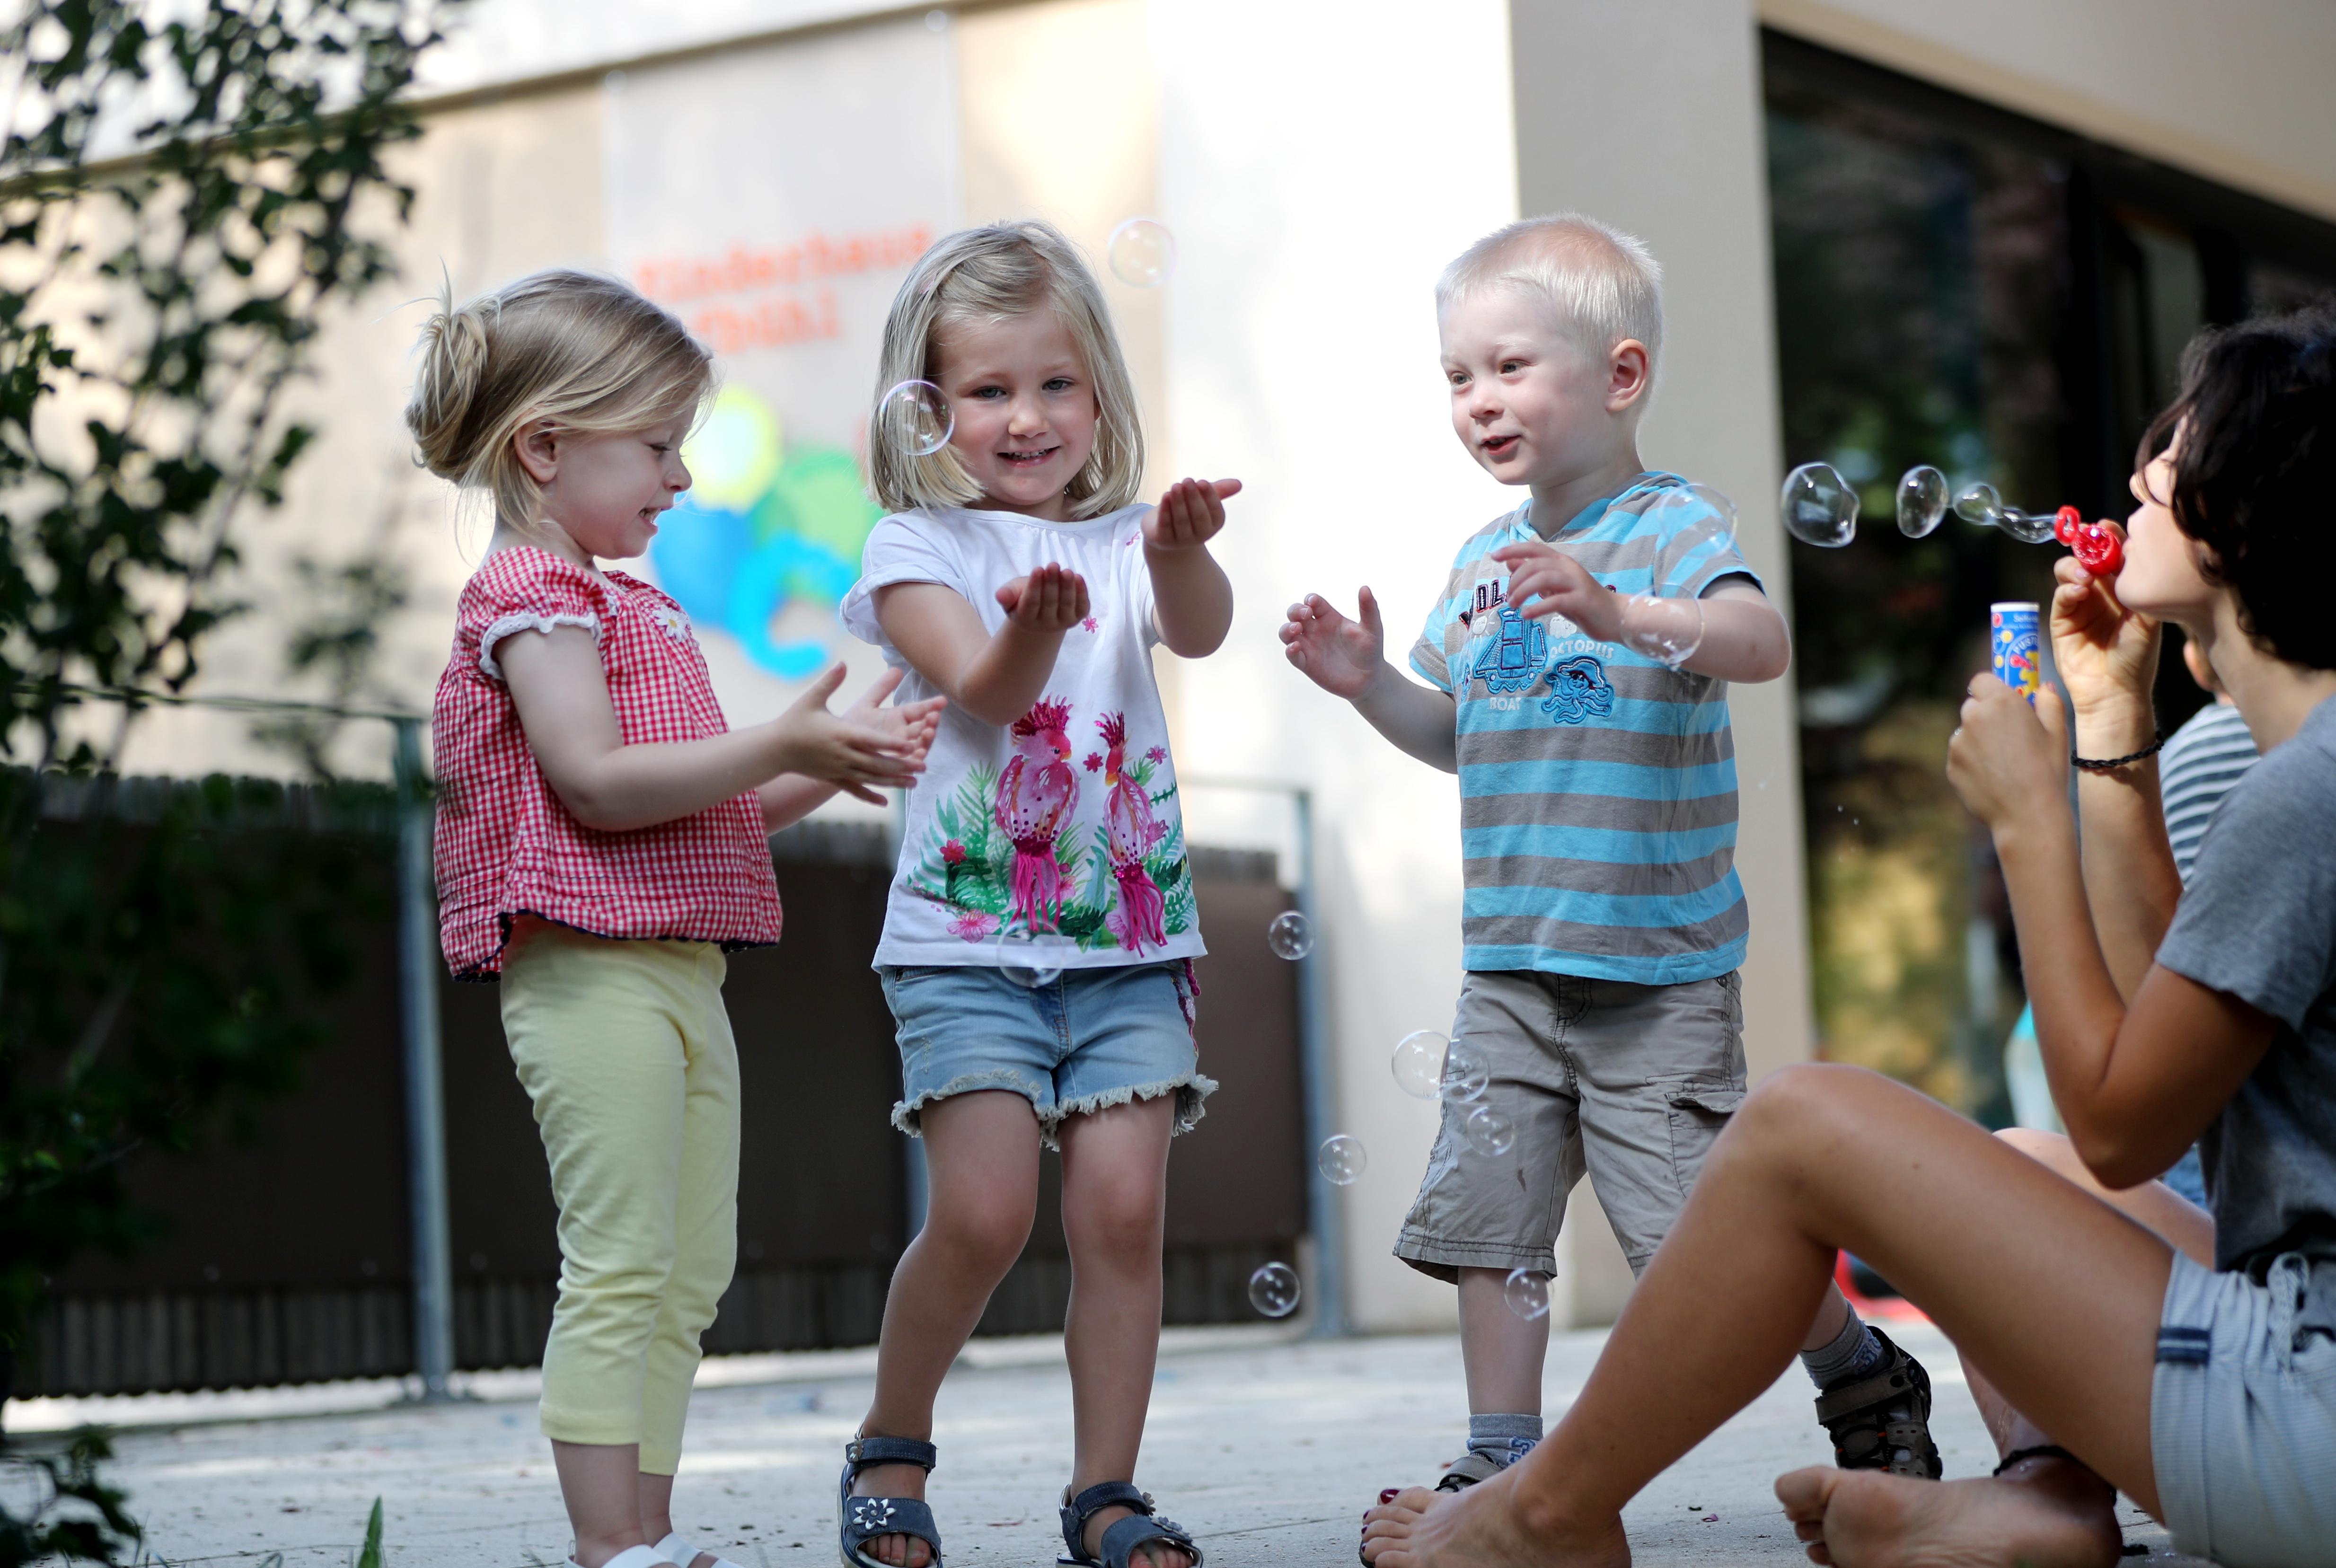 Spielende Kinder in einer Kindertageseinrichtung